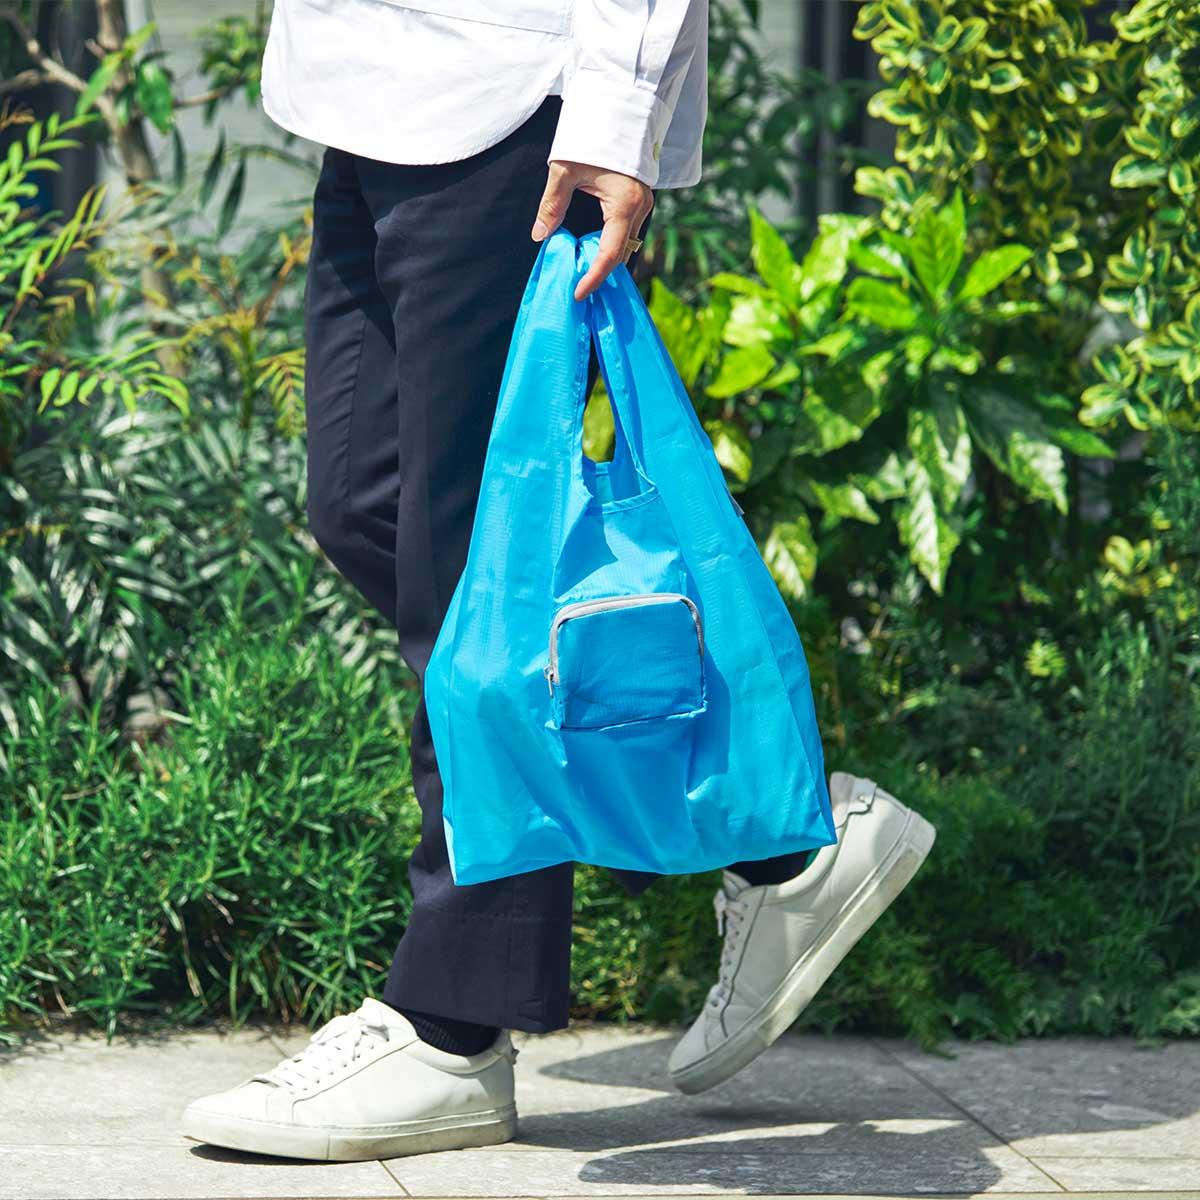 耐荷重は22kgと頼れるつくりだから、お米やお酒などの重たい食品・飲料も持ち運べます。ファッションに合わせて選べる豊富なカラー展開。スマートに持ち歩ける折りたたみエコバッグ|KATOKOA